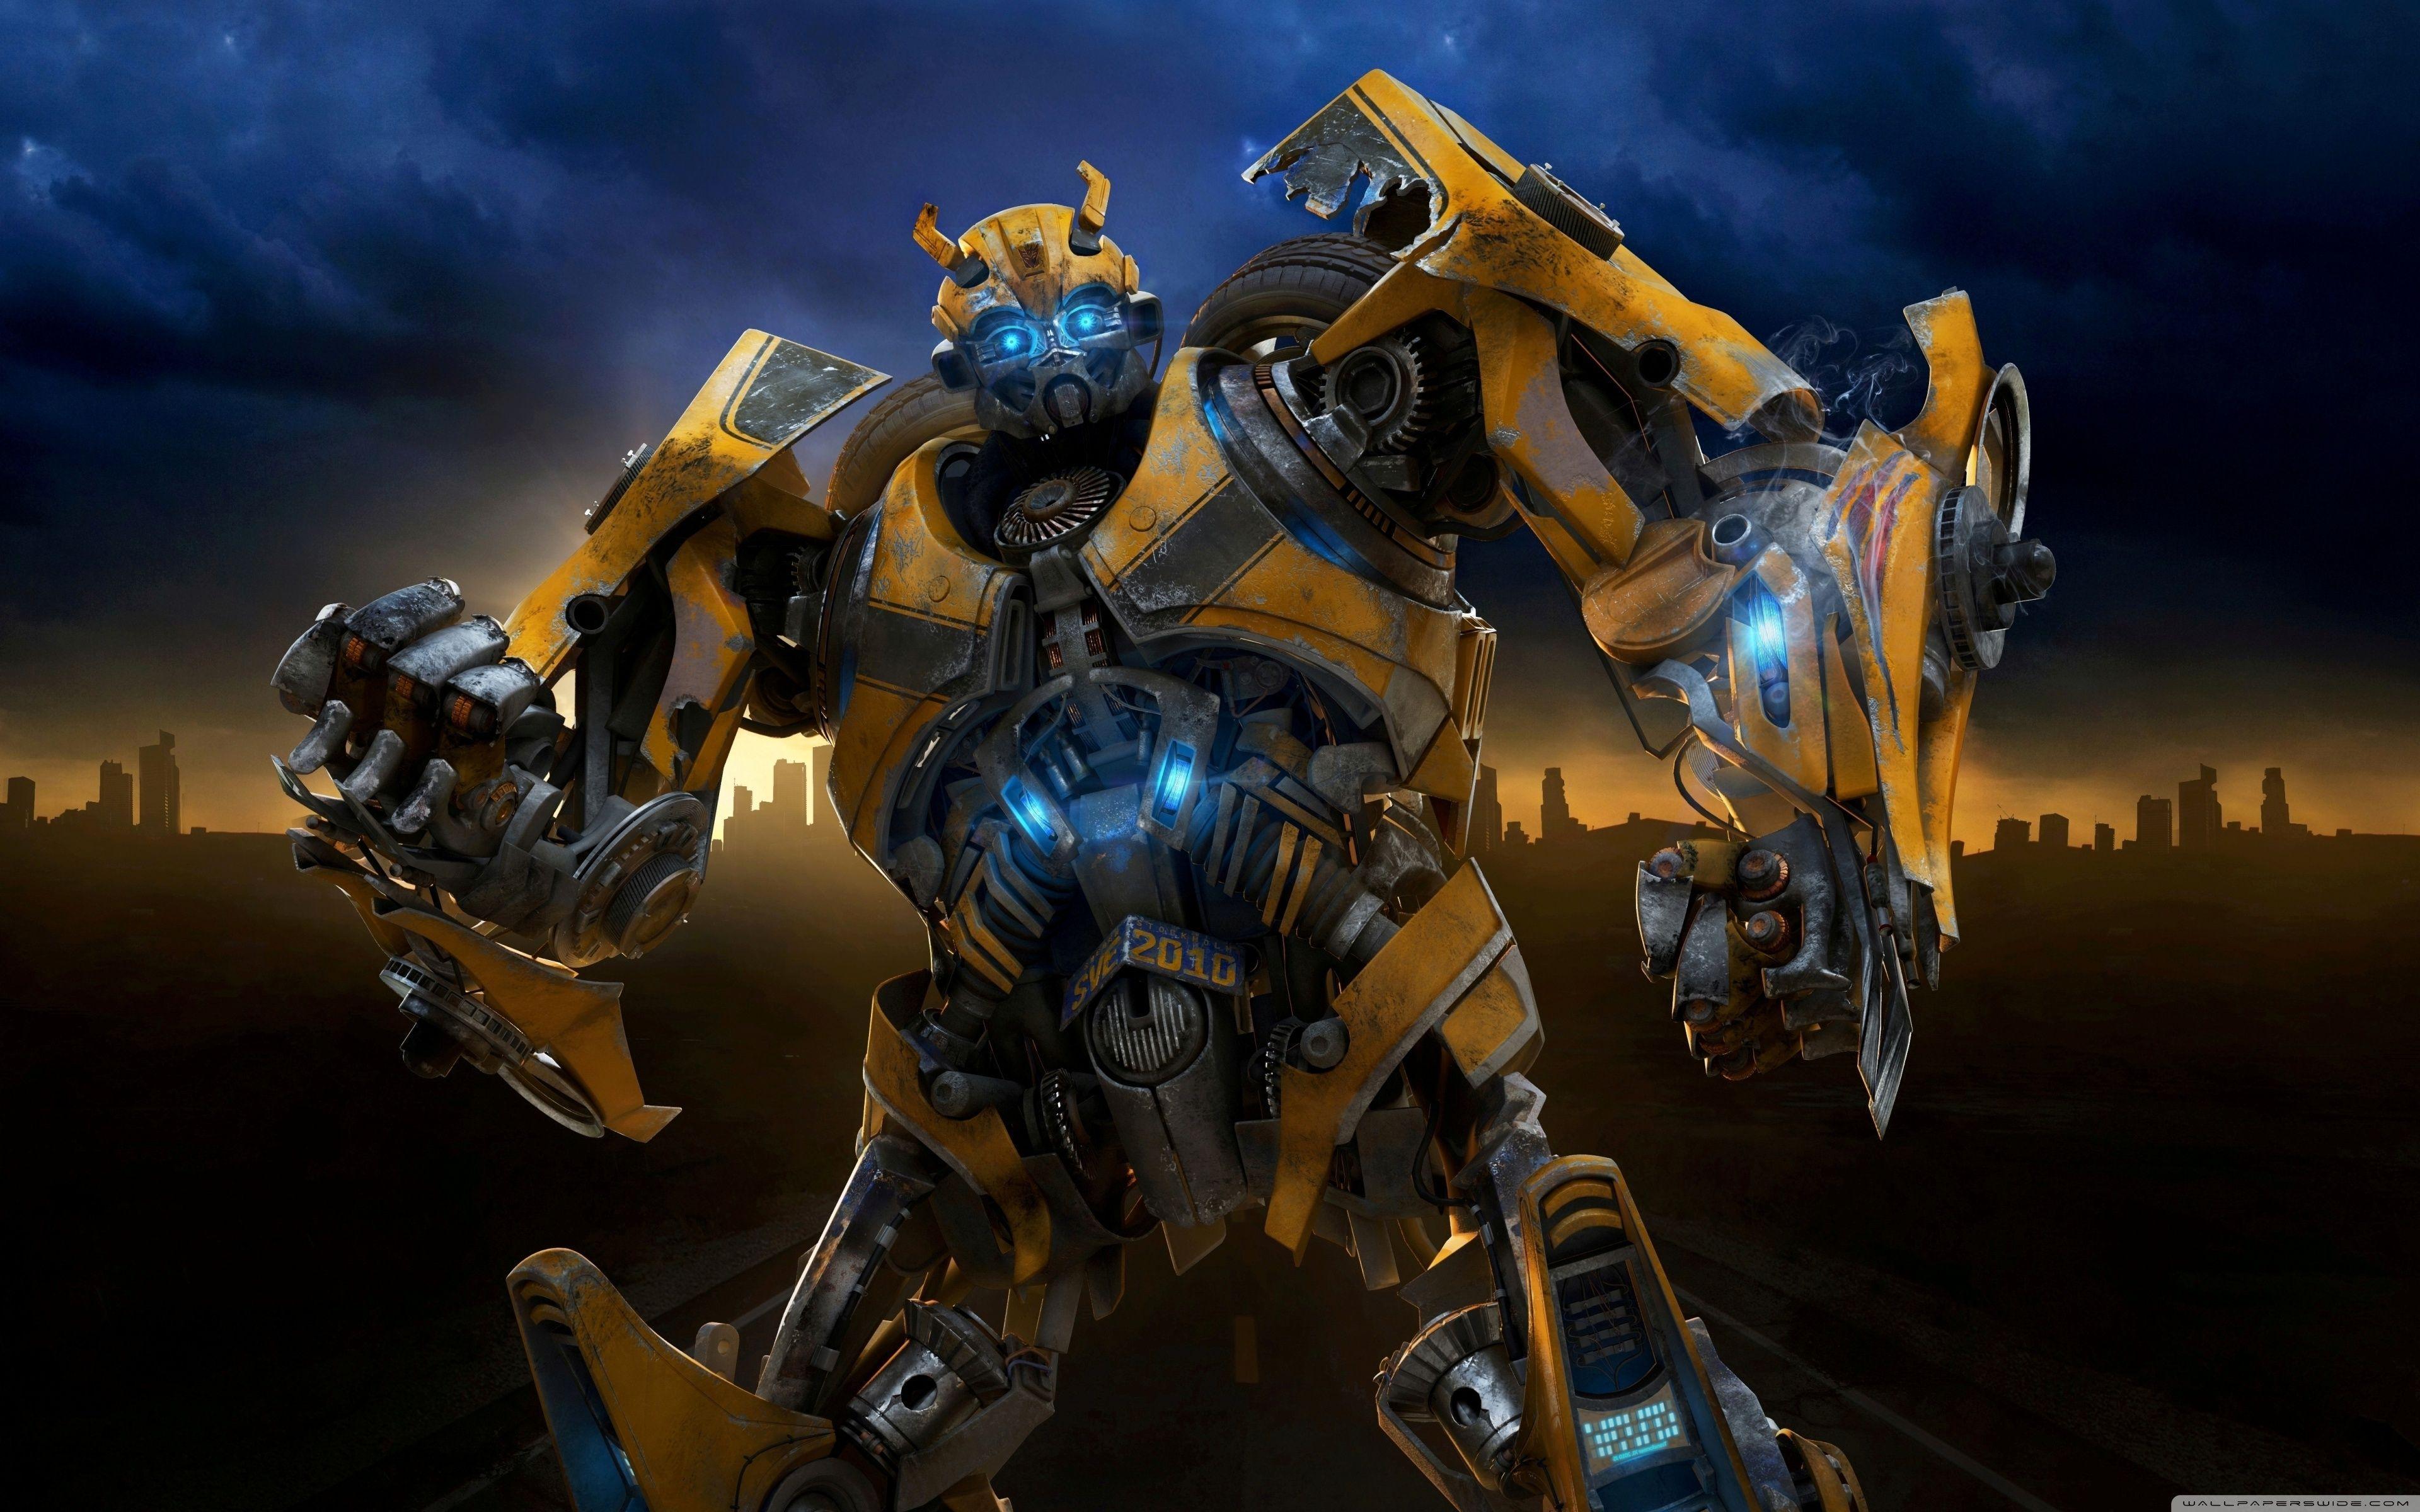 Transformers 5 bumblebee wallpapers wallpaper cave - Bumblebee desktop wallpapers ...